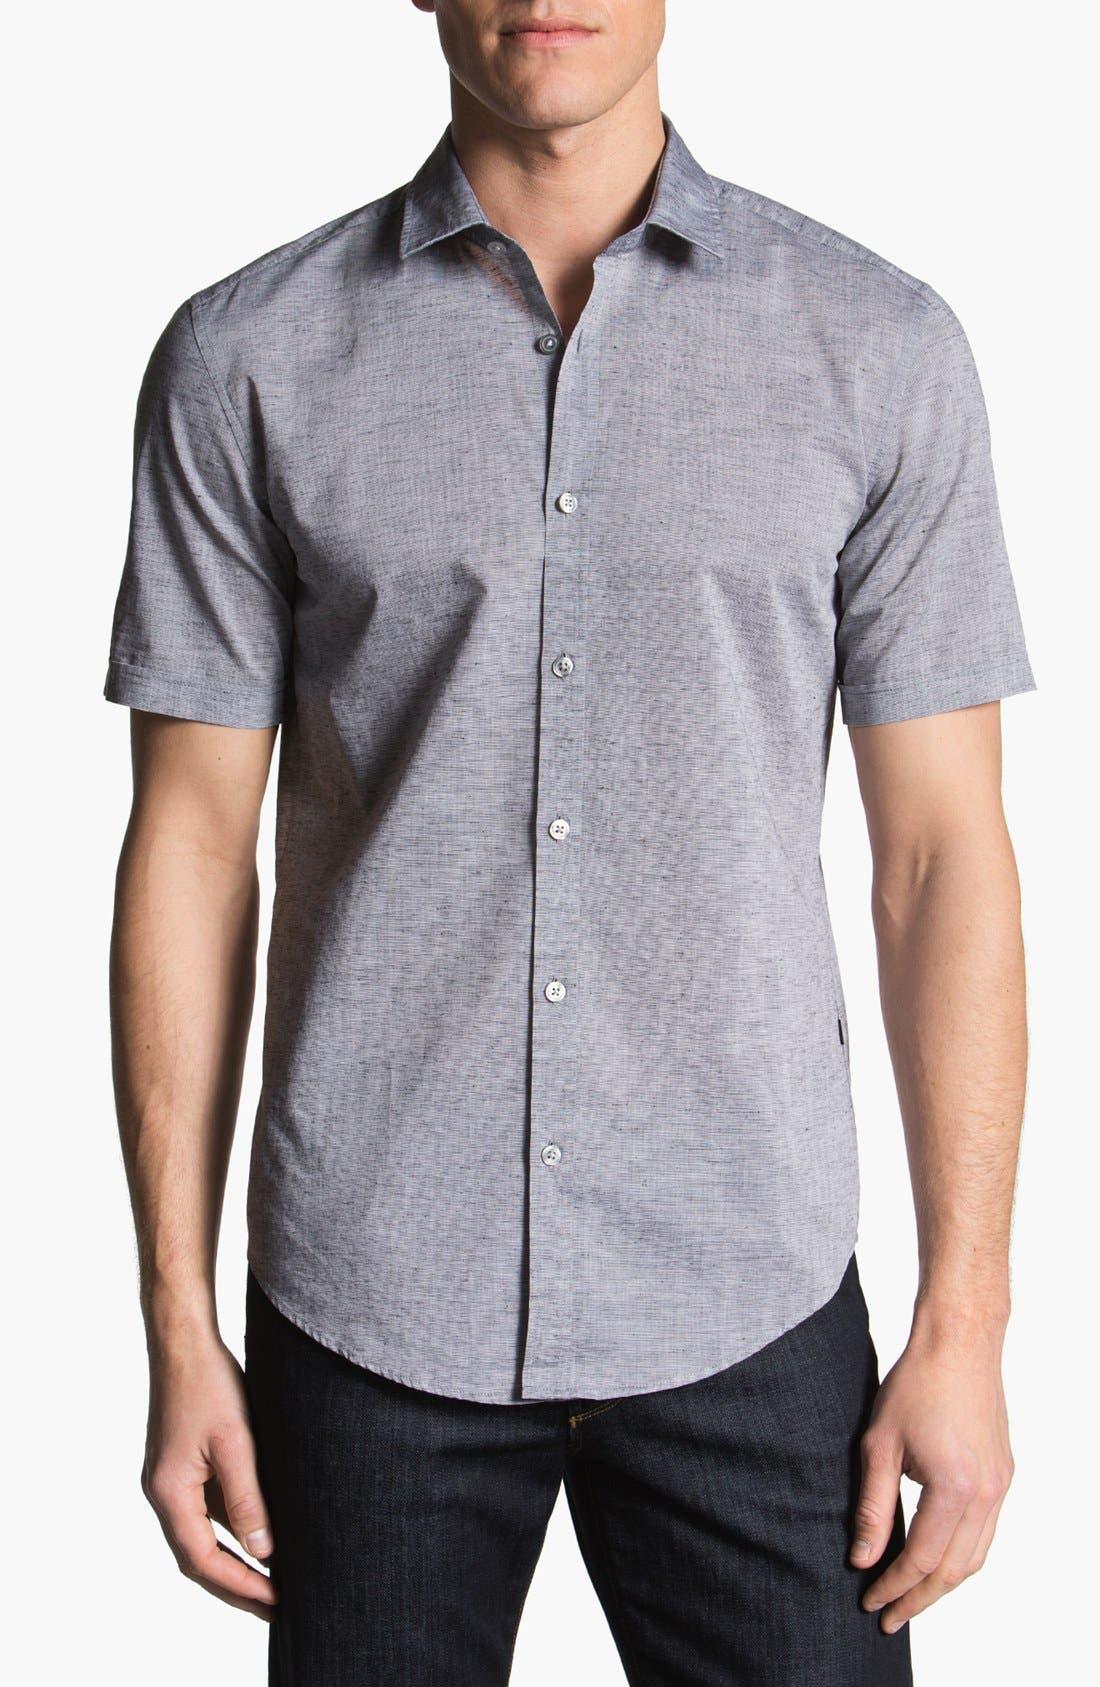 Alternate Image 1 Selected - BOSS HUGO BOSS 'Ring' Short Sleeve Sport Shirt